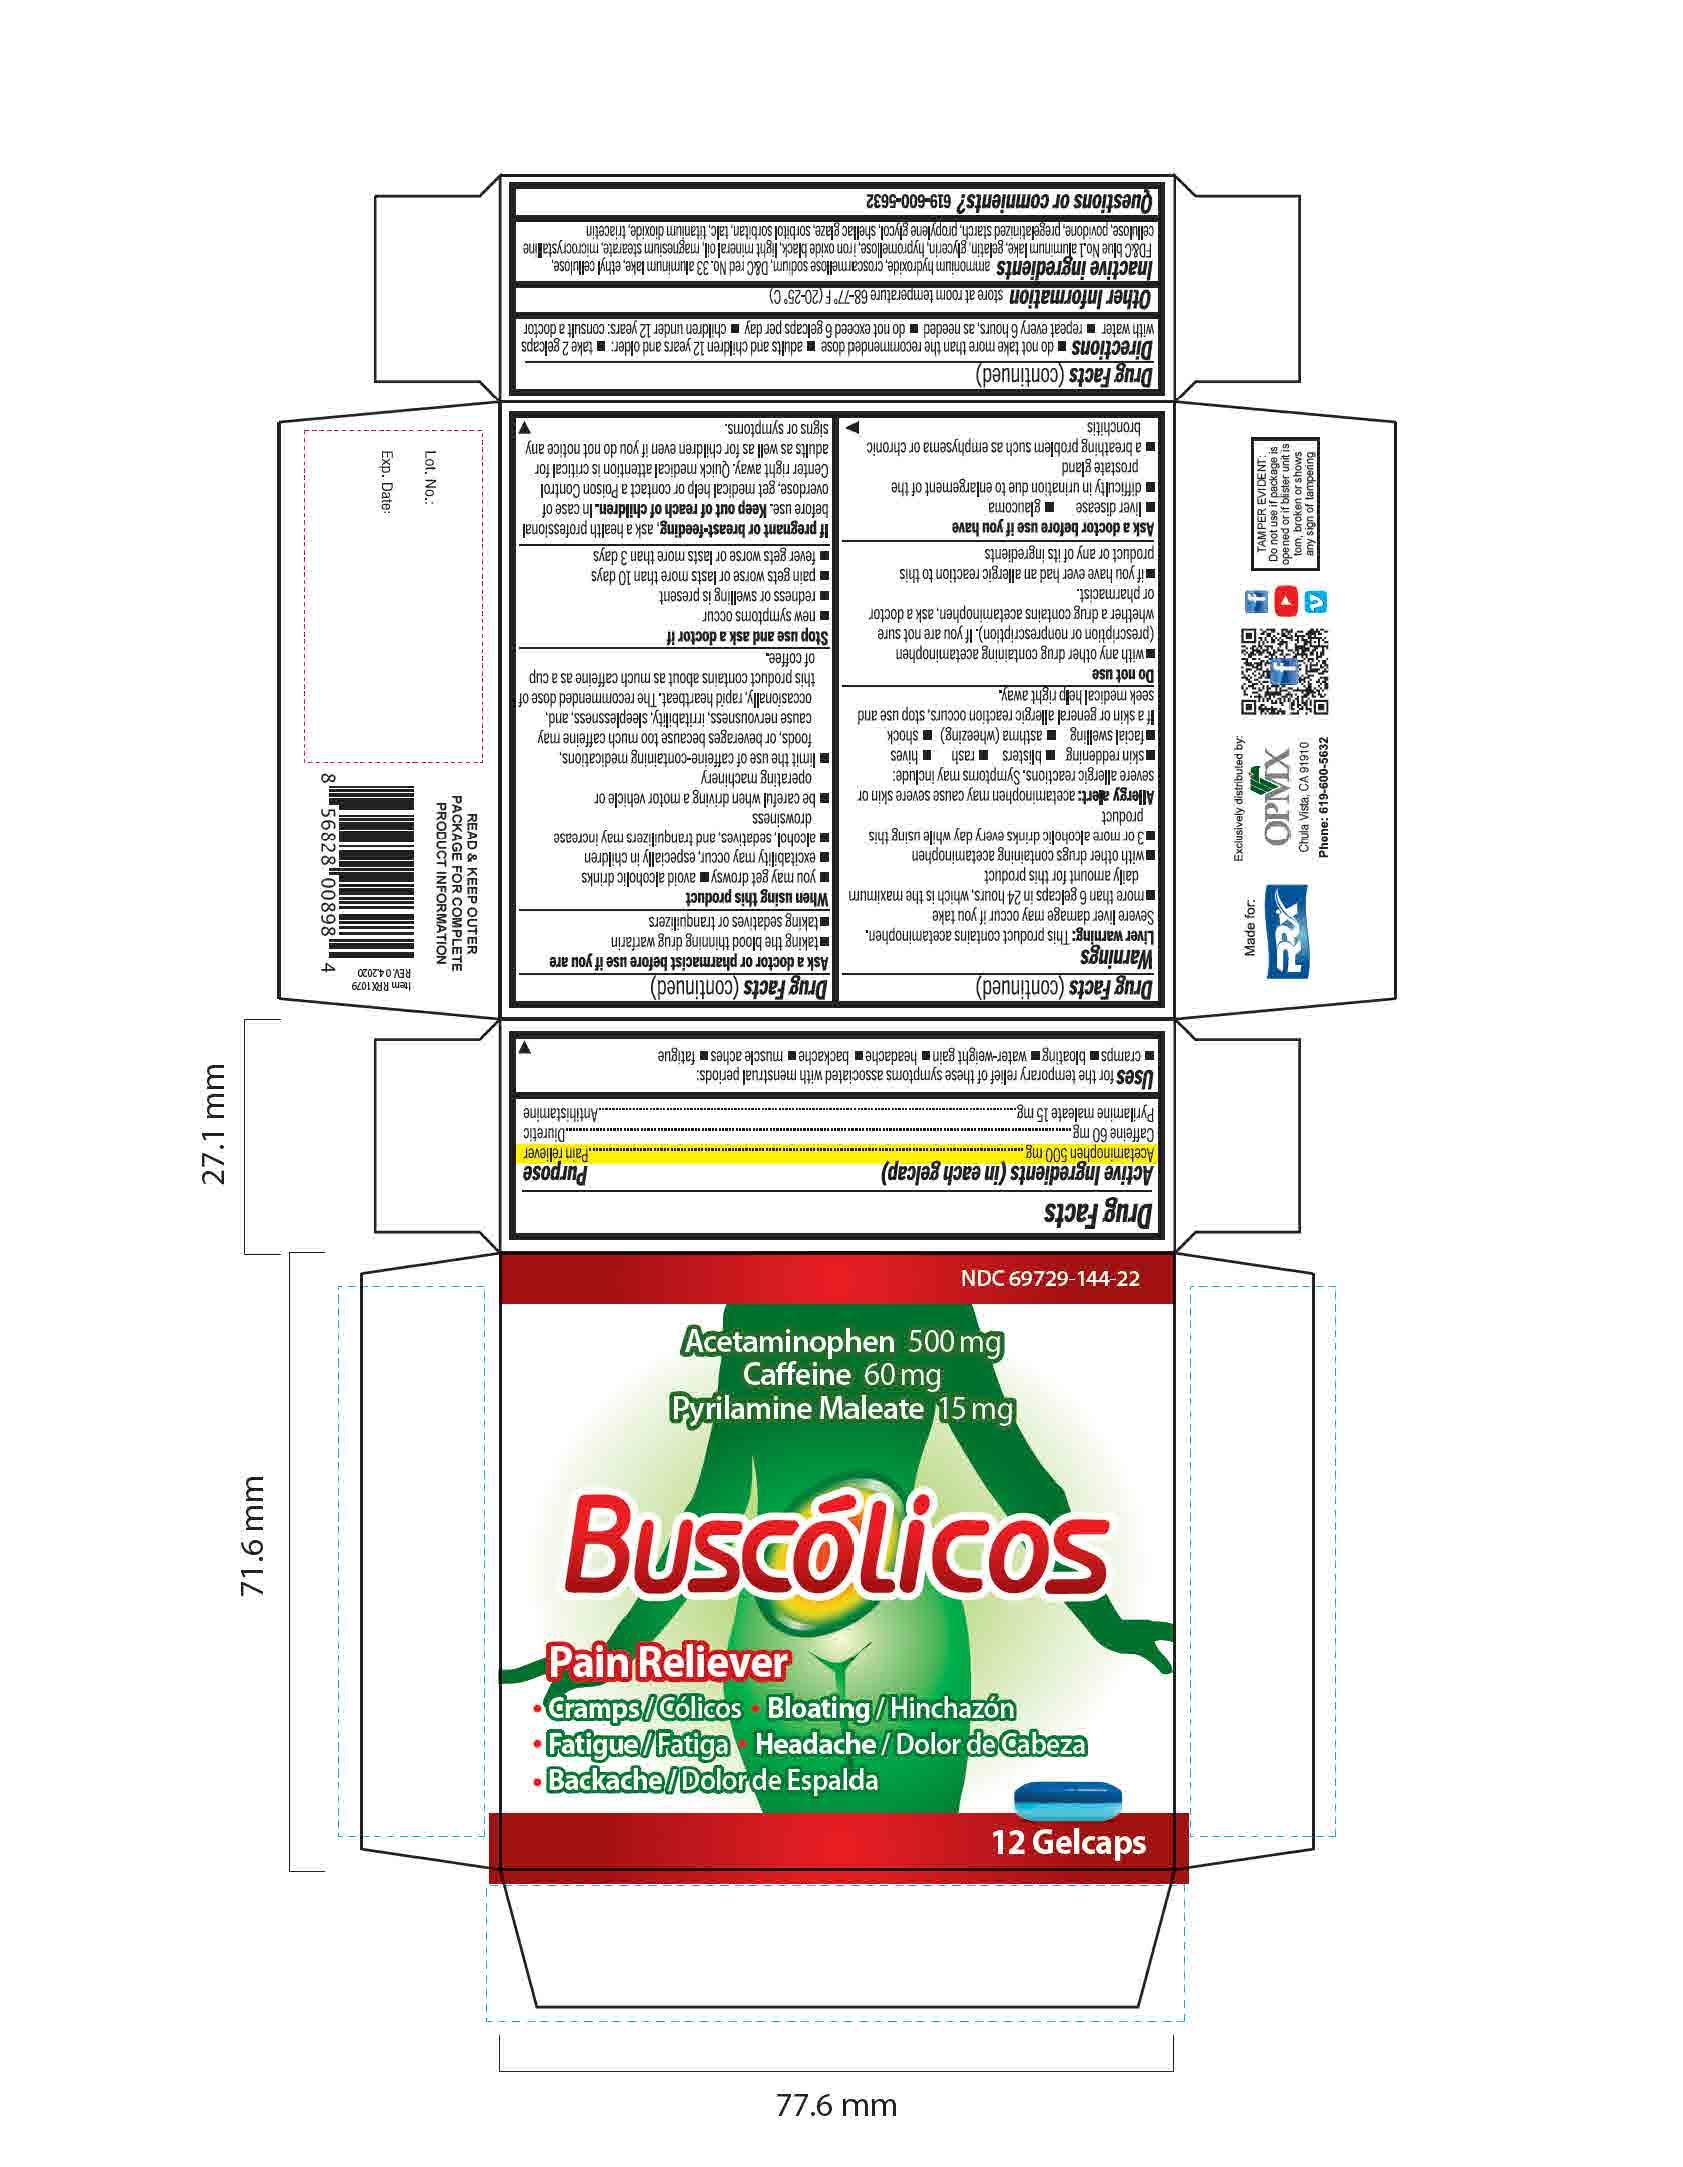 Buscolicos